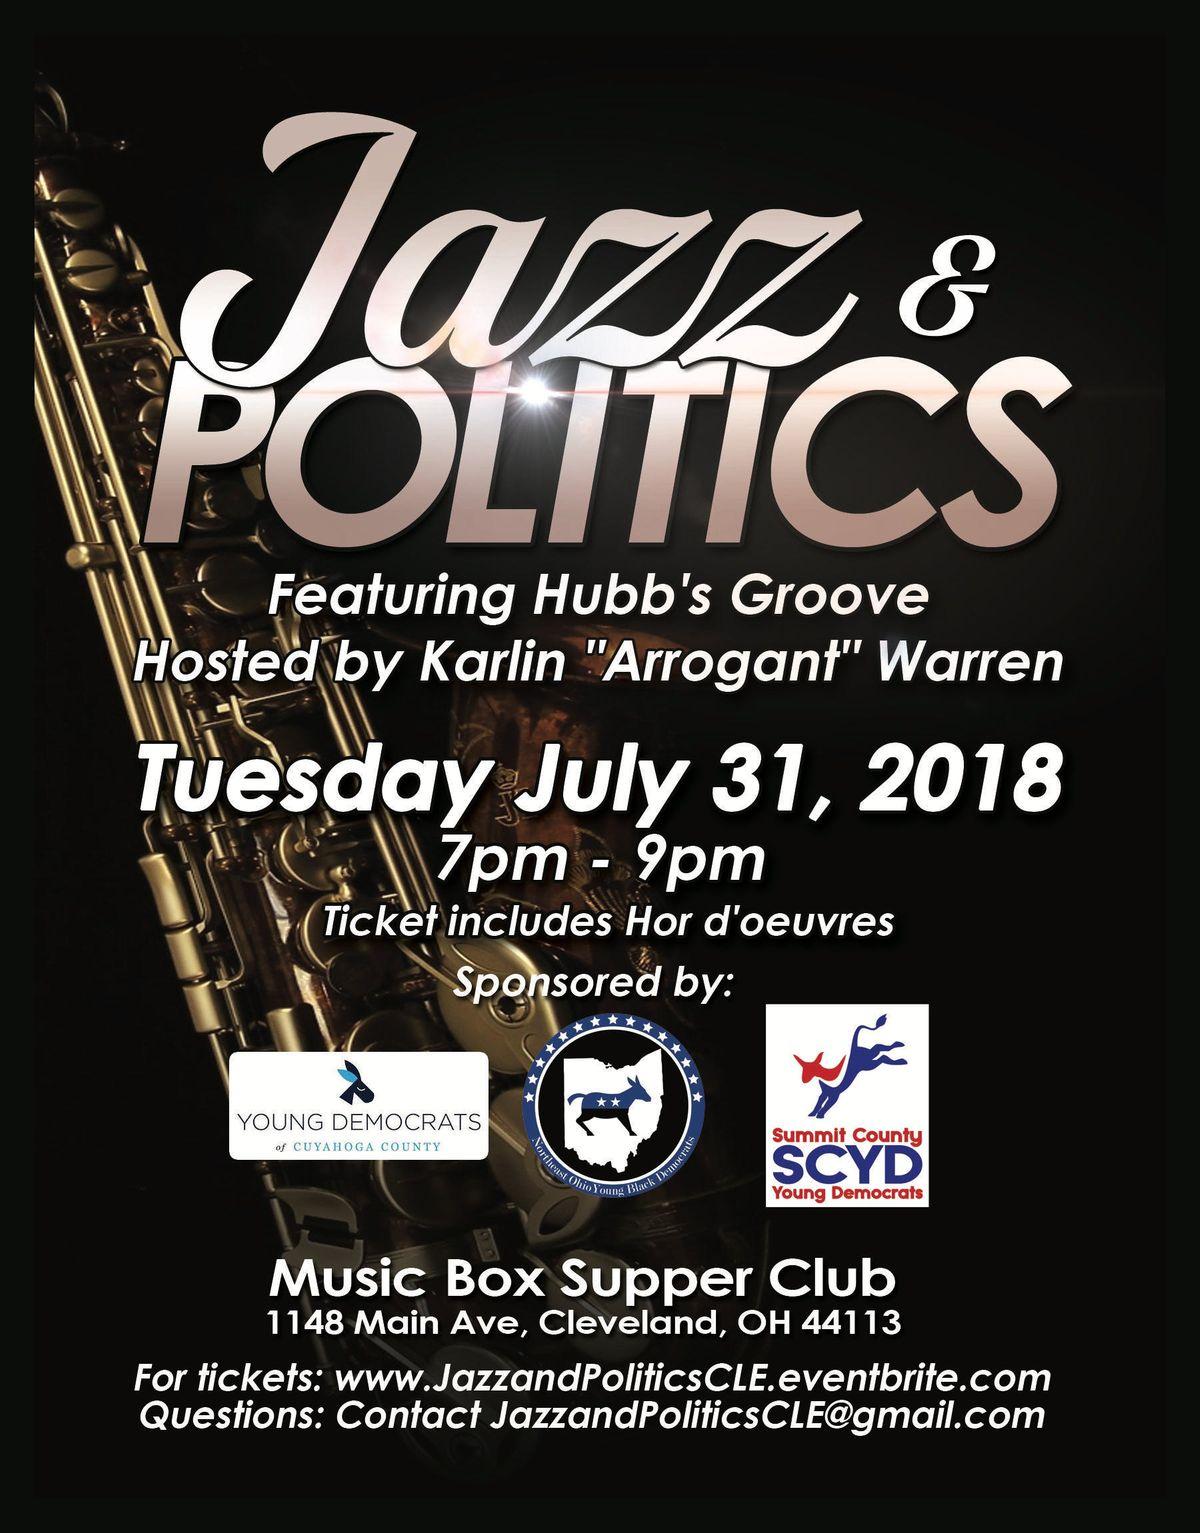 Jazz & Politics